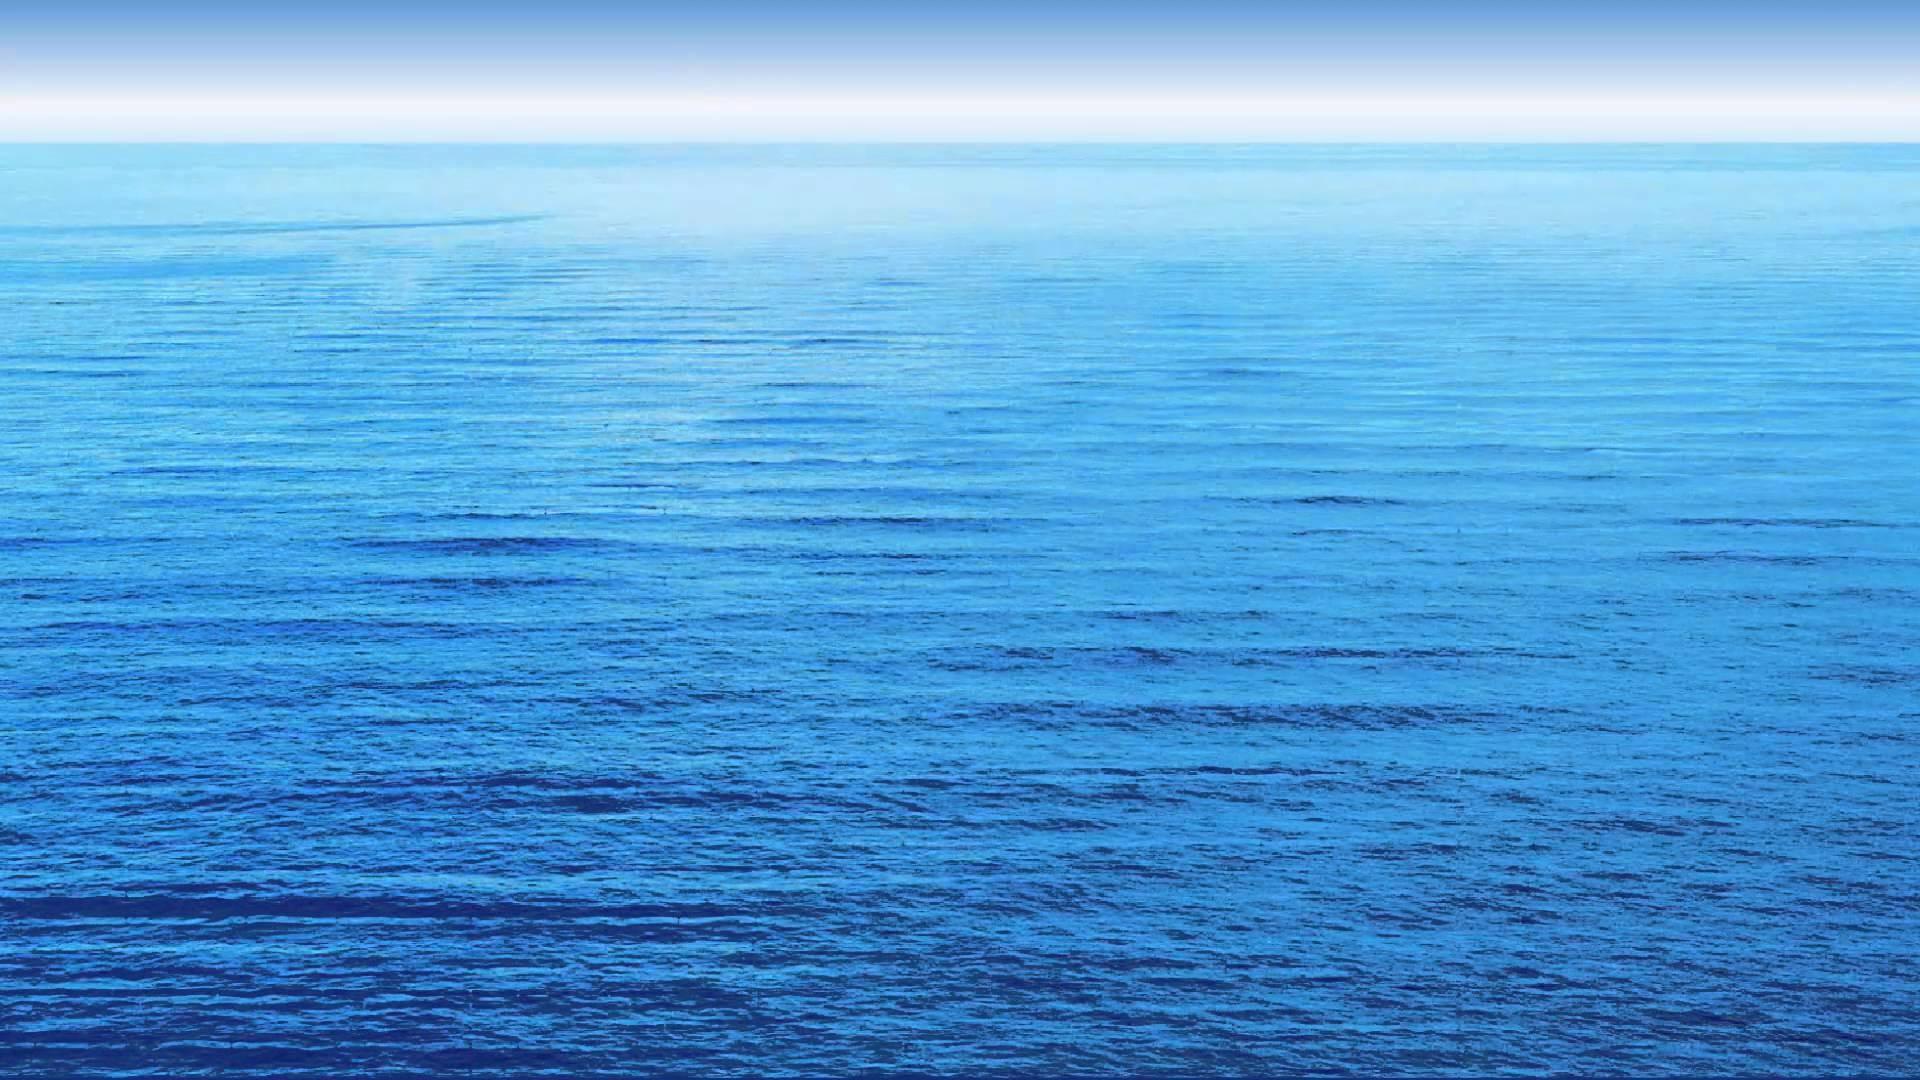 Most Inspiring Wallpaper High Resolution Ocean - 278648-ocean-background-1920x1080-for-xiaomi  2018_82591.jpg